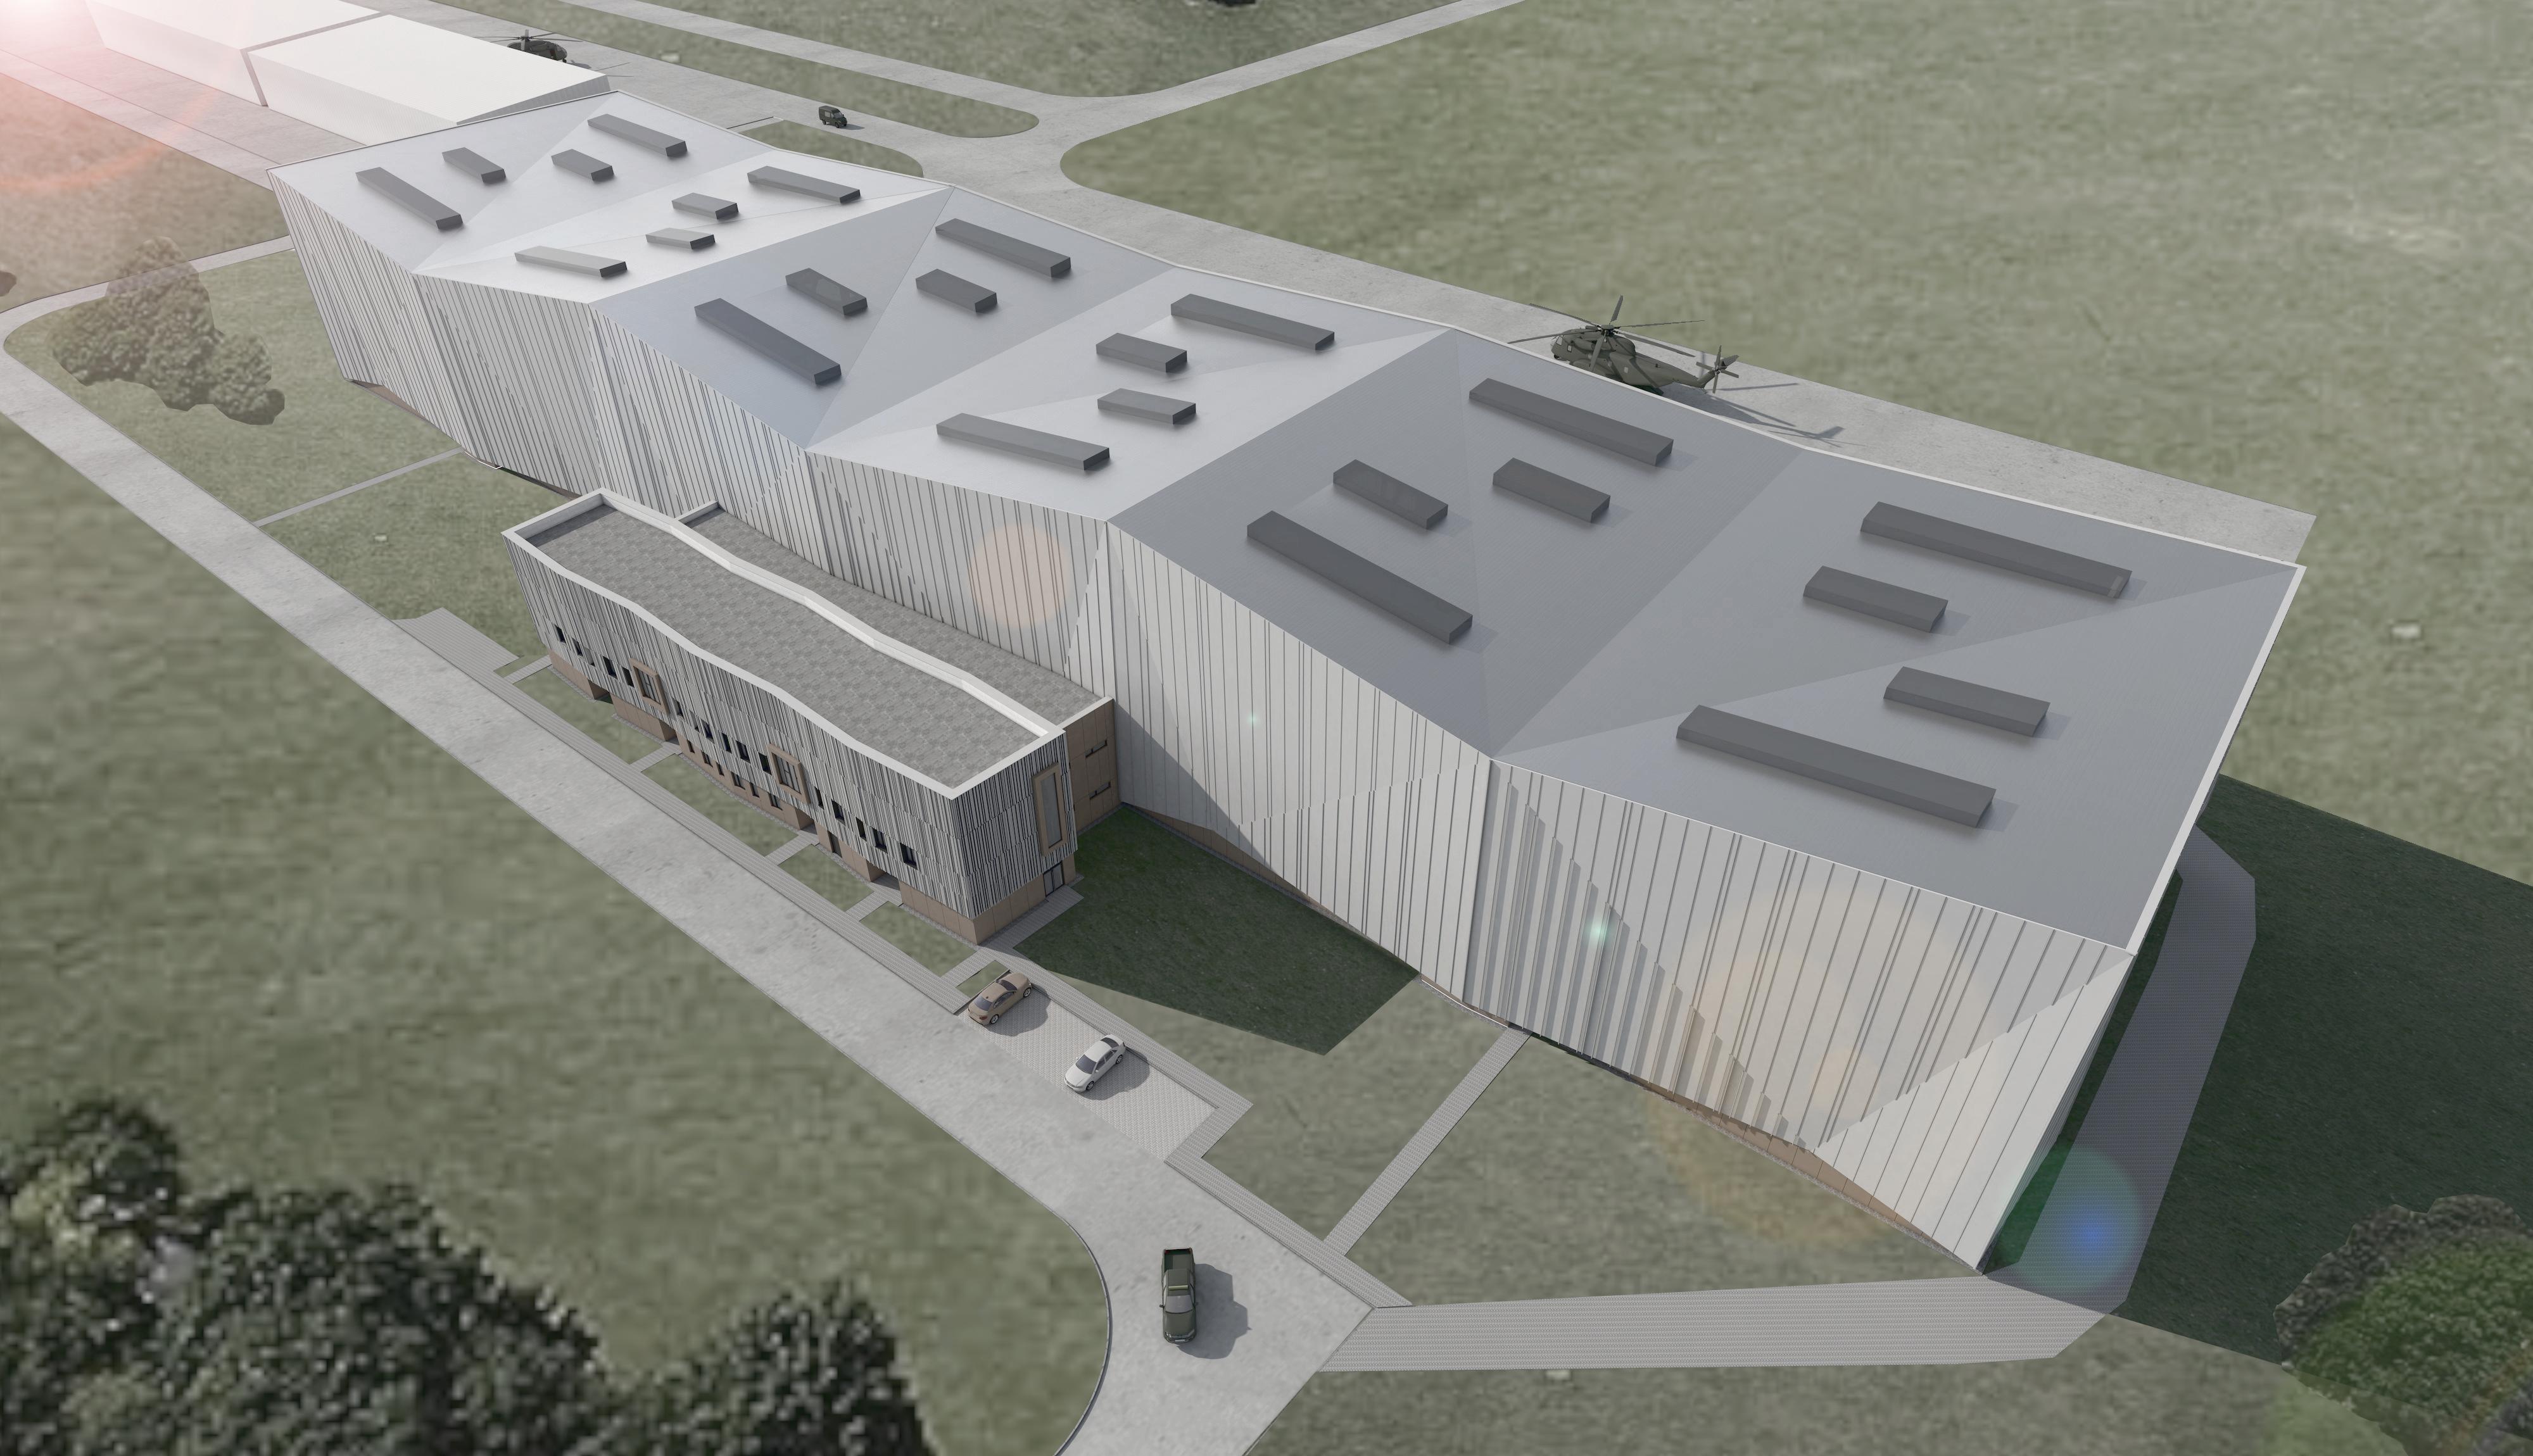 Projektbild 1, Neubau einer Halle für Luftfahrzeuge  |  Flugplatz Holzdorf